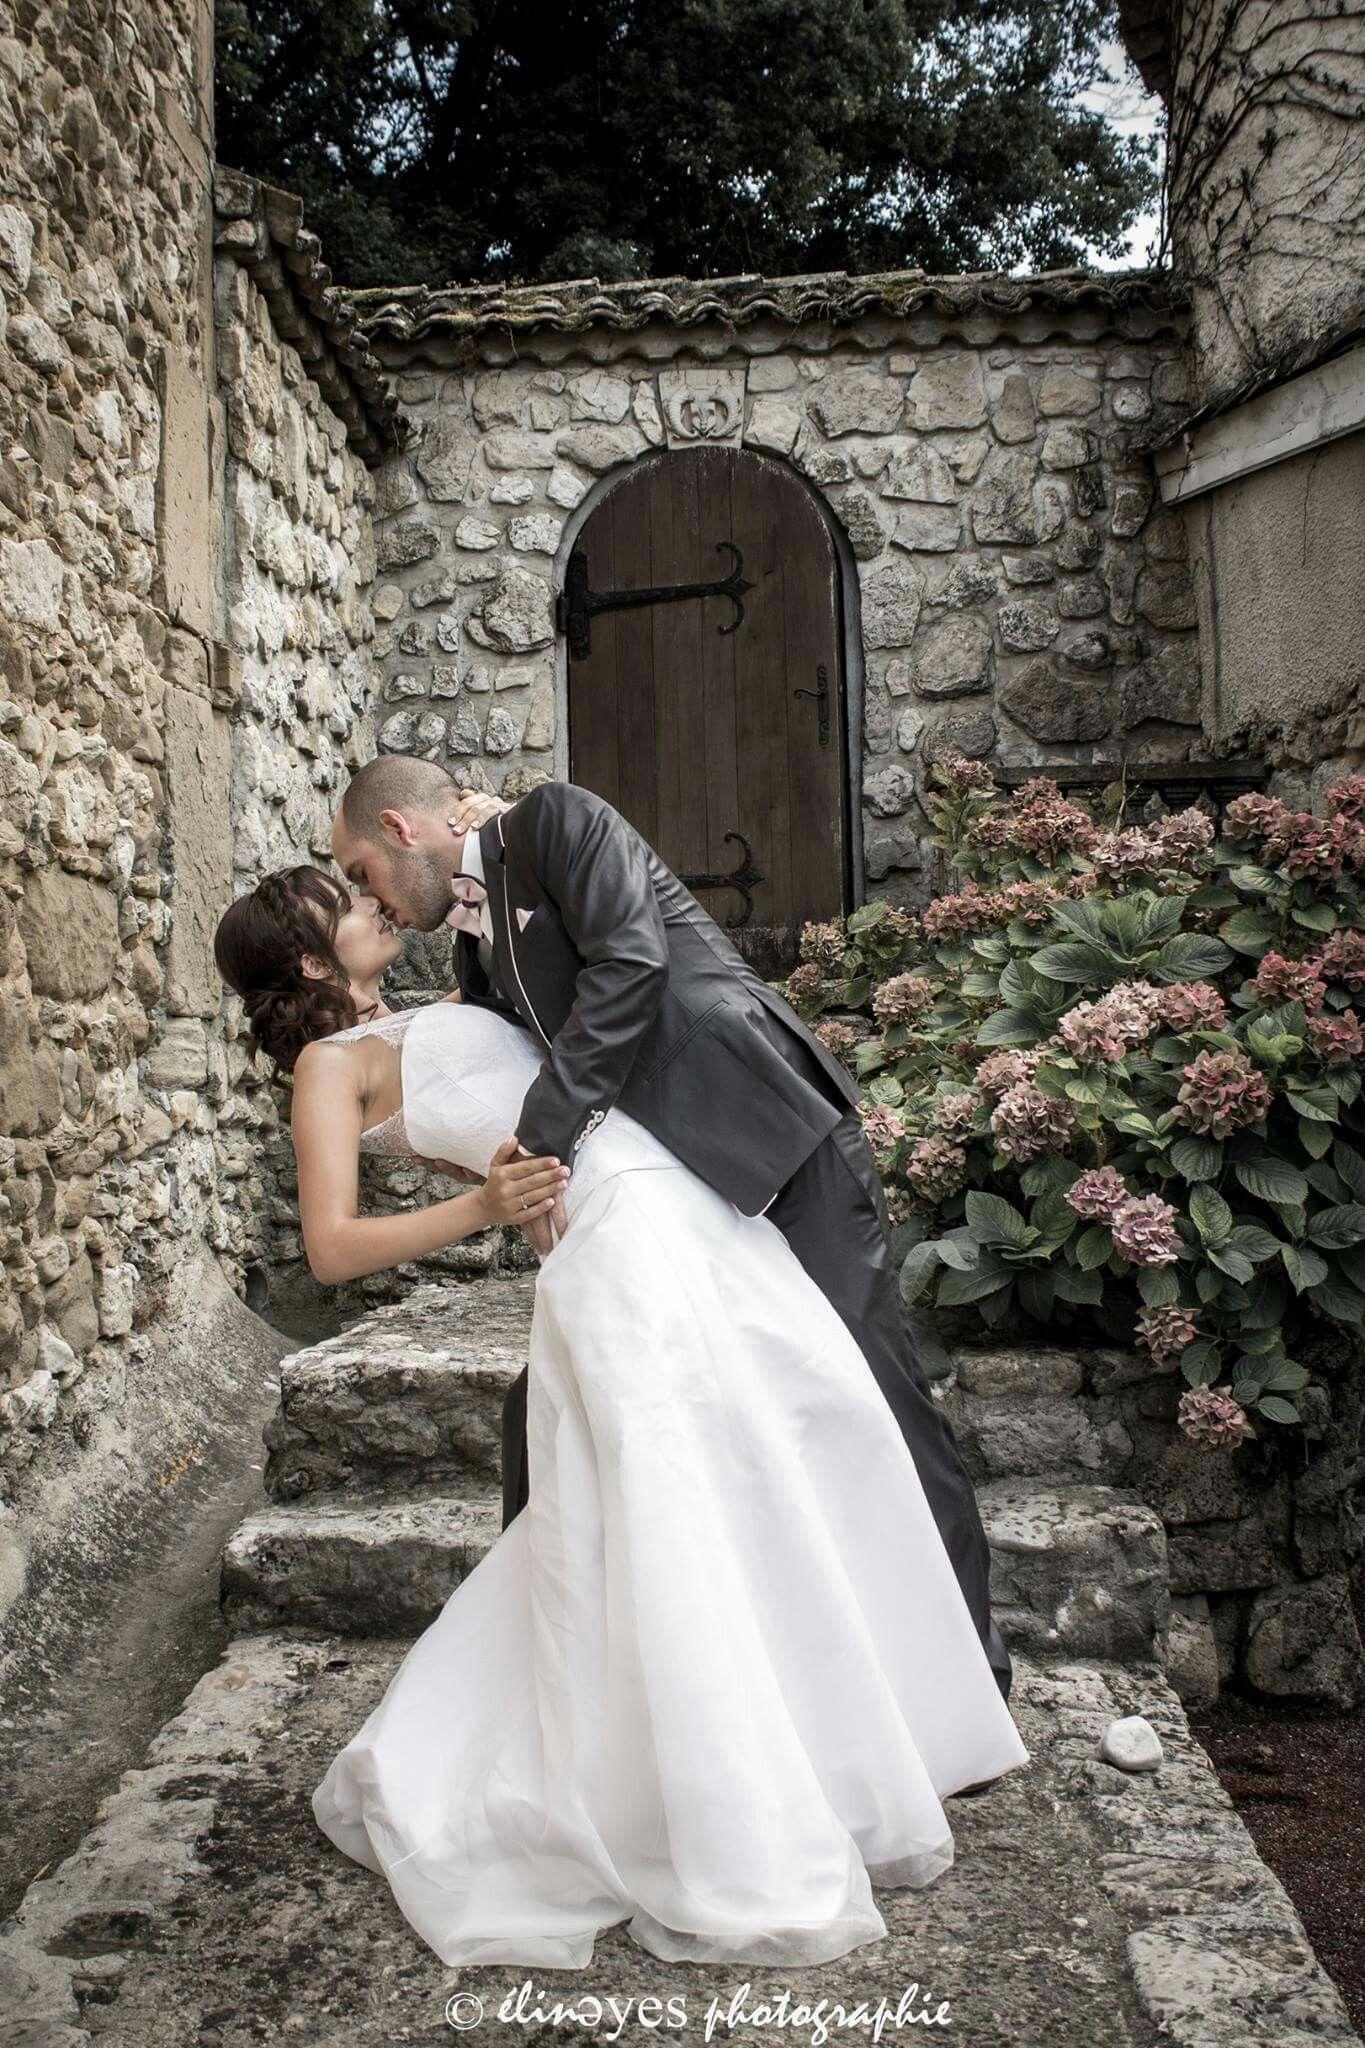 ..PHOTO DE COUPLE..  Mariage d'un couple d'ami dans la région de Grenoble, France.  Suivez moi sur ma page facebook : https://www.facebook.com/elineyesphotographie/ Et sur Instagram : @elineyes.photographie   #elineyesphotographie #mariage